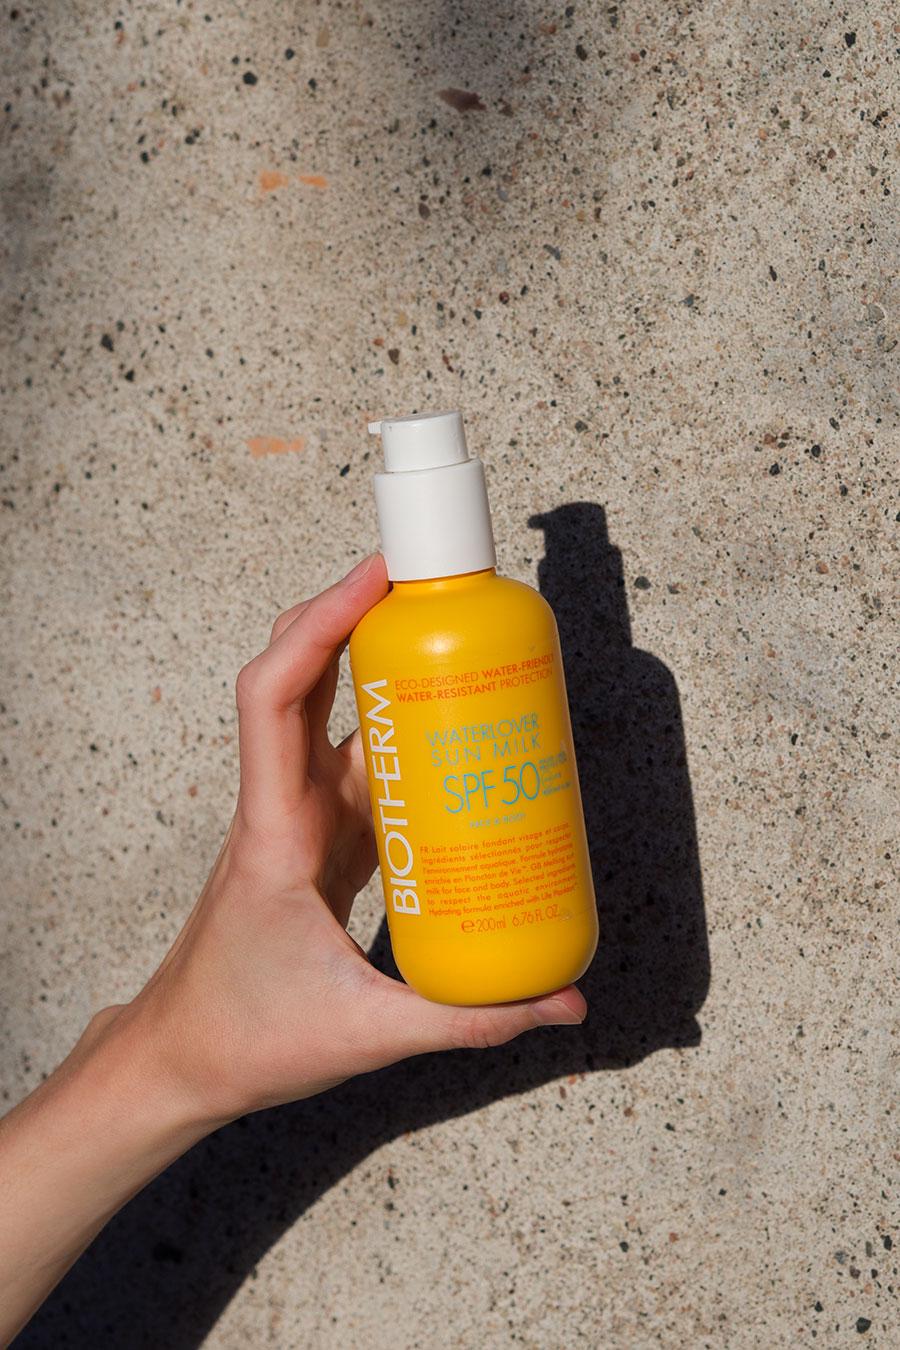 Hånd som holder Biotherm-solkrem